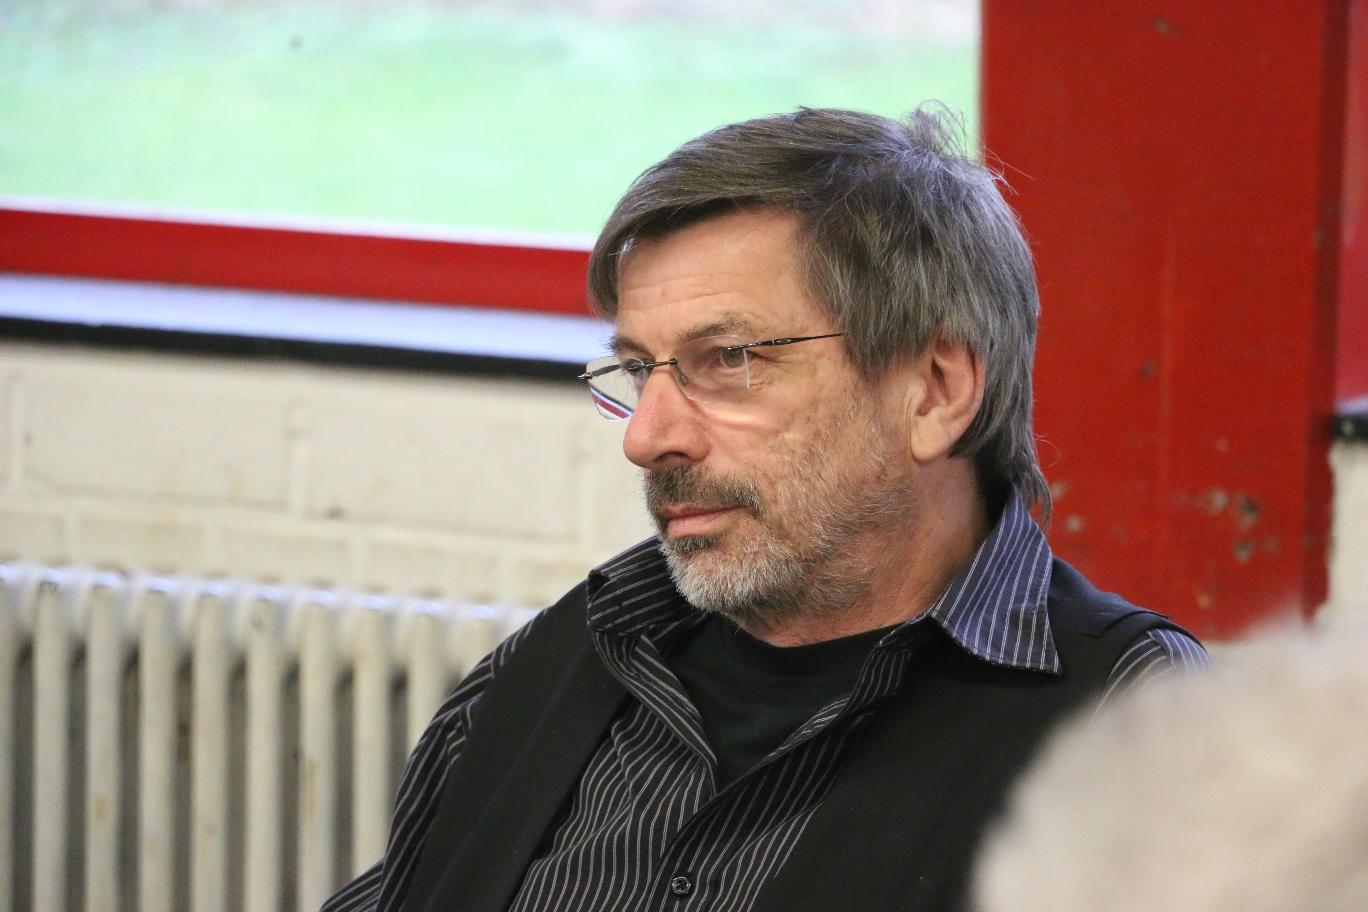 Volker Beckmann im März 2017 bei einer Veranstaltung während der Internationalen Wochen gegen Rassismus im Jugendzentrum Klausen. Foto: Antonio Scarpino